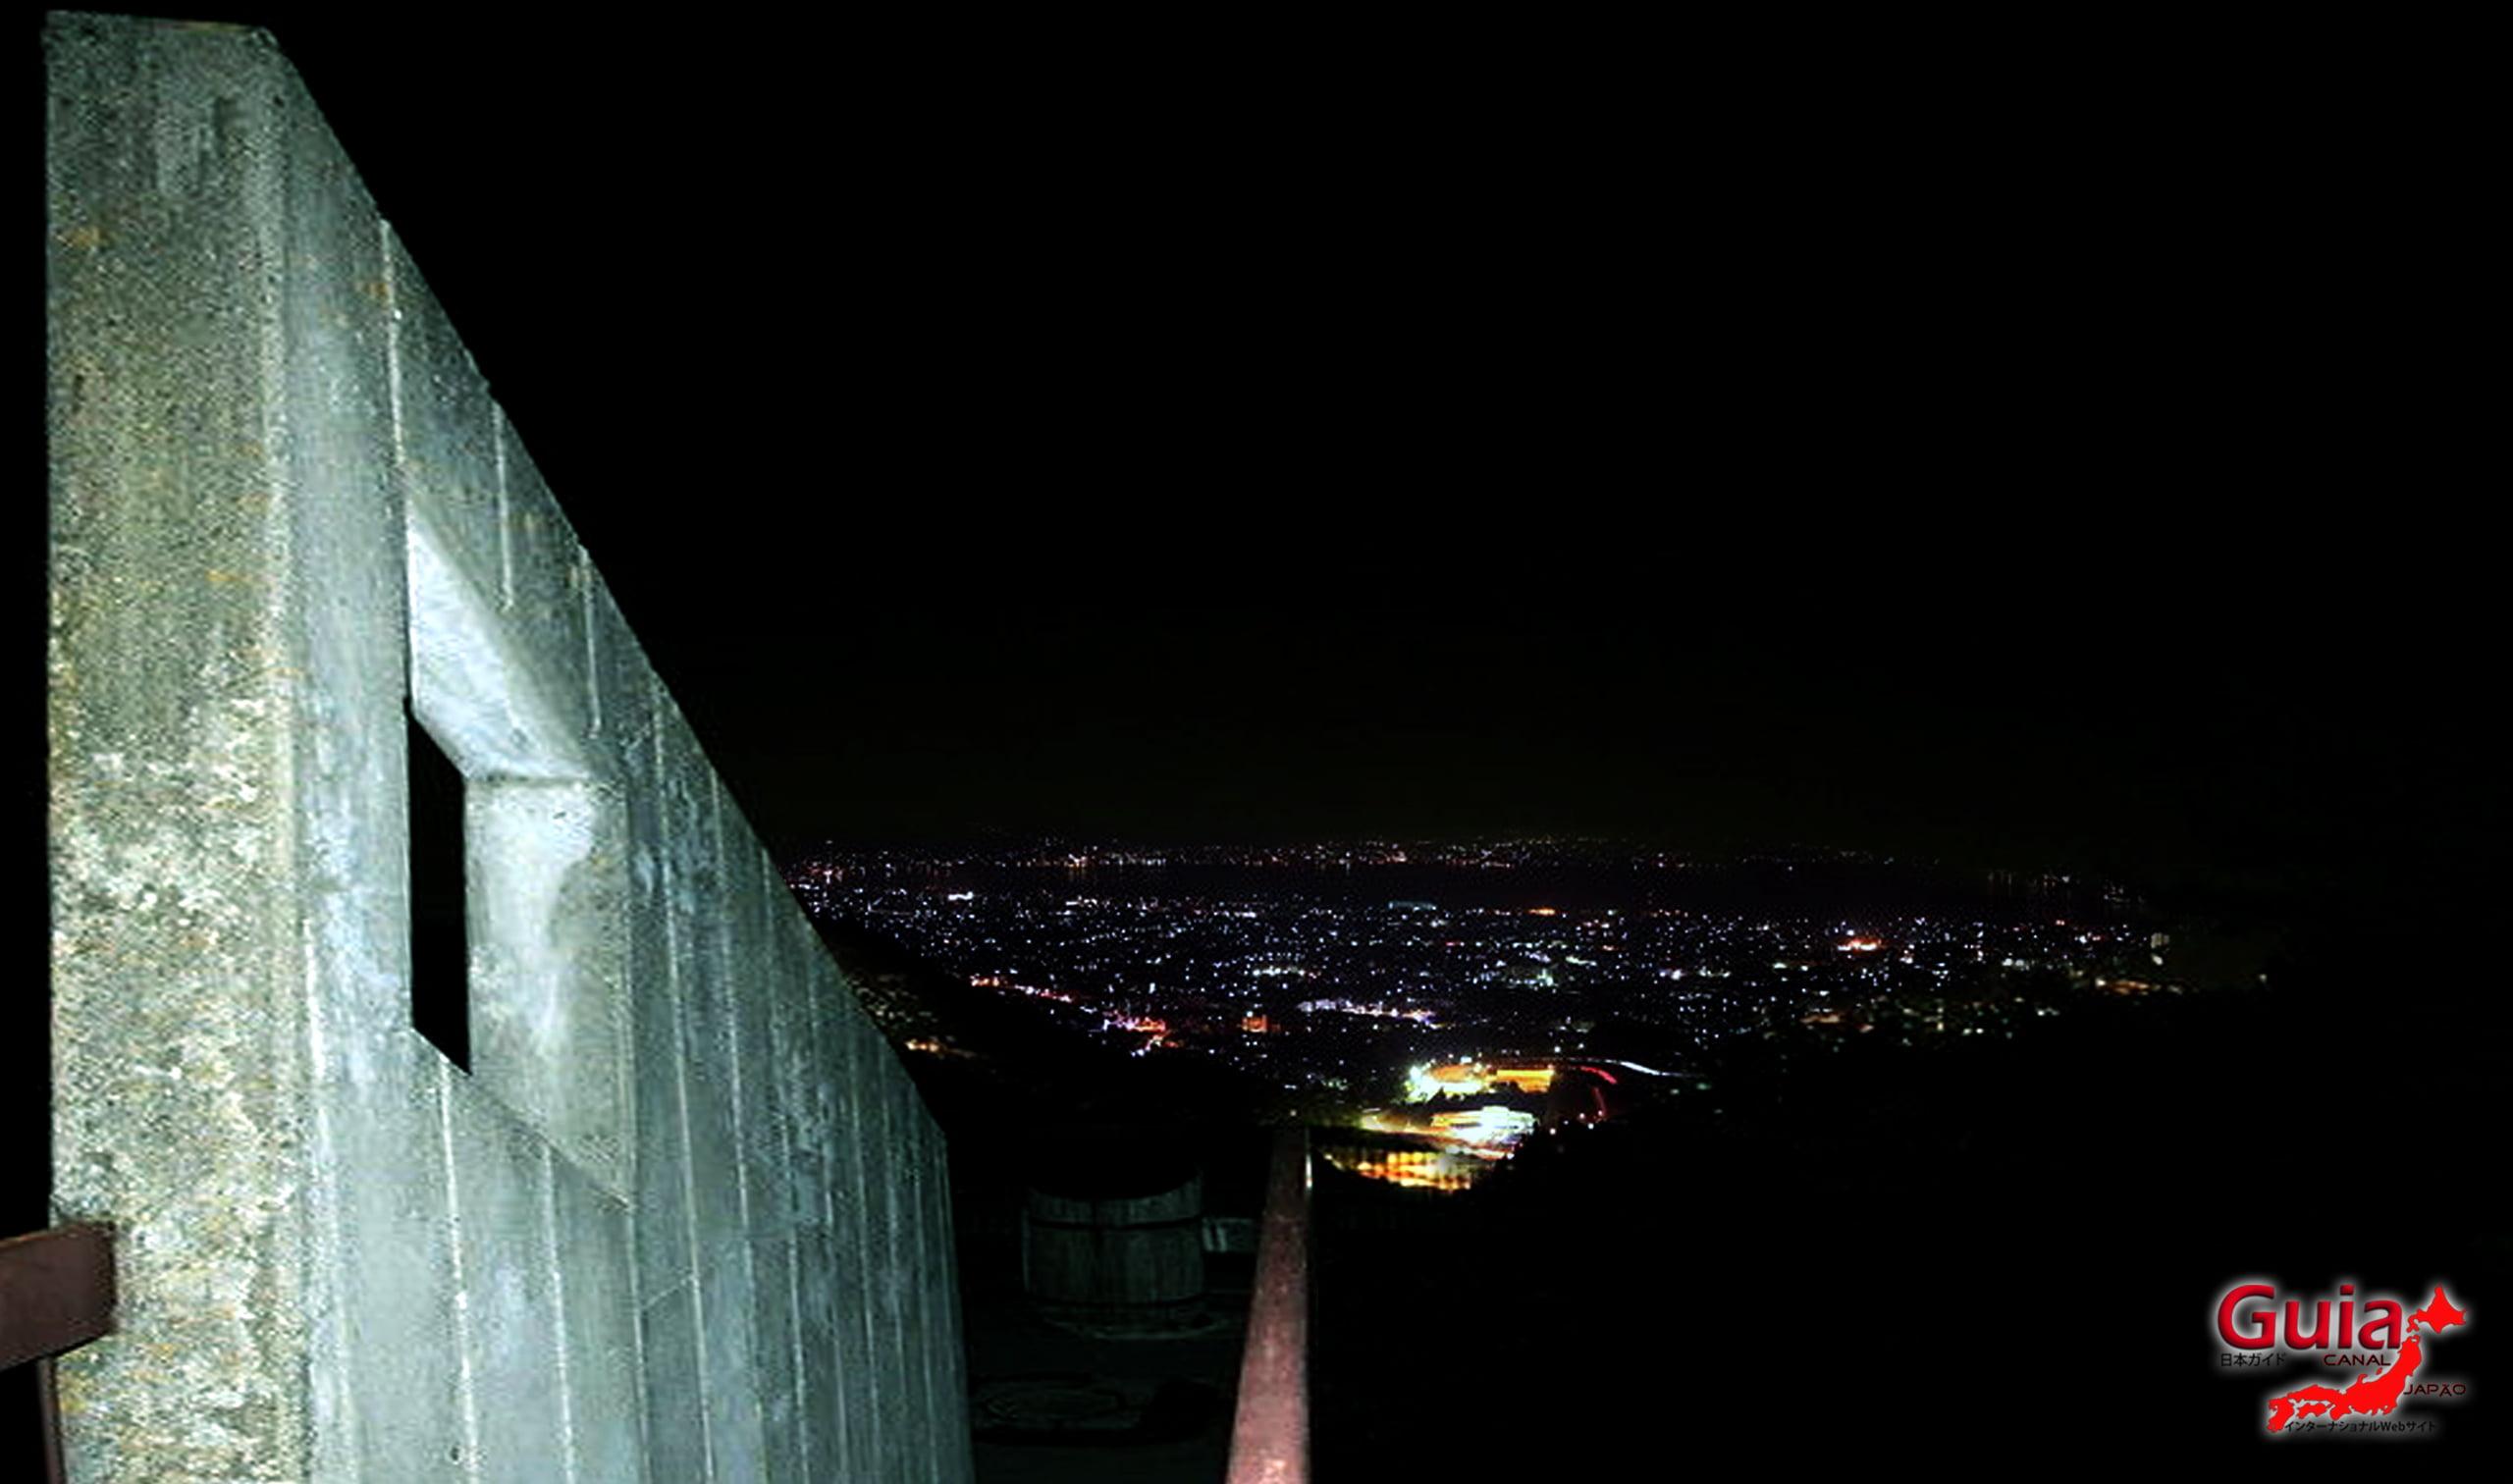 หอสังเกตการณ์ปาร์คเอนเรโอโนะดาจิ「ฟูจิมิได」 12